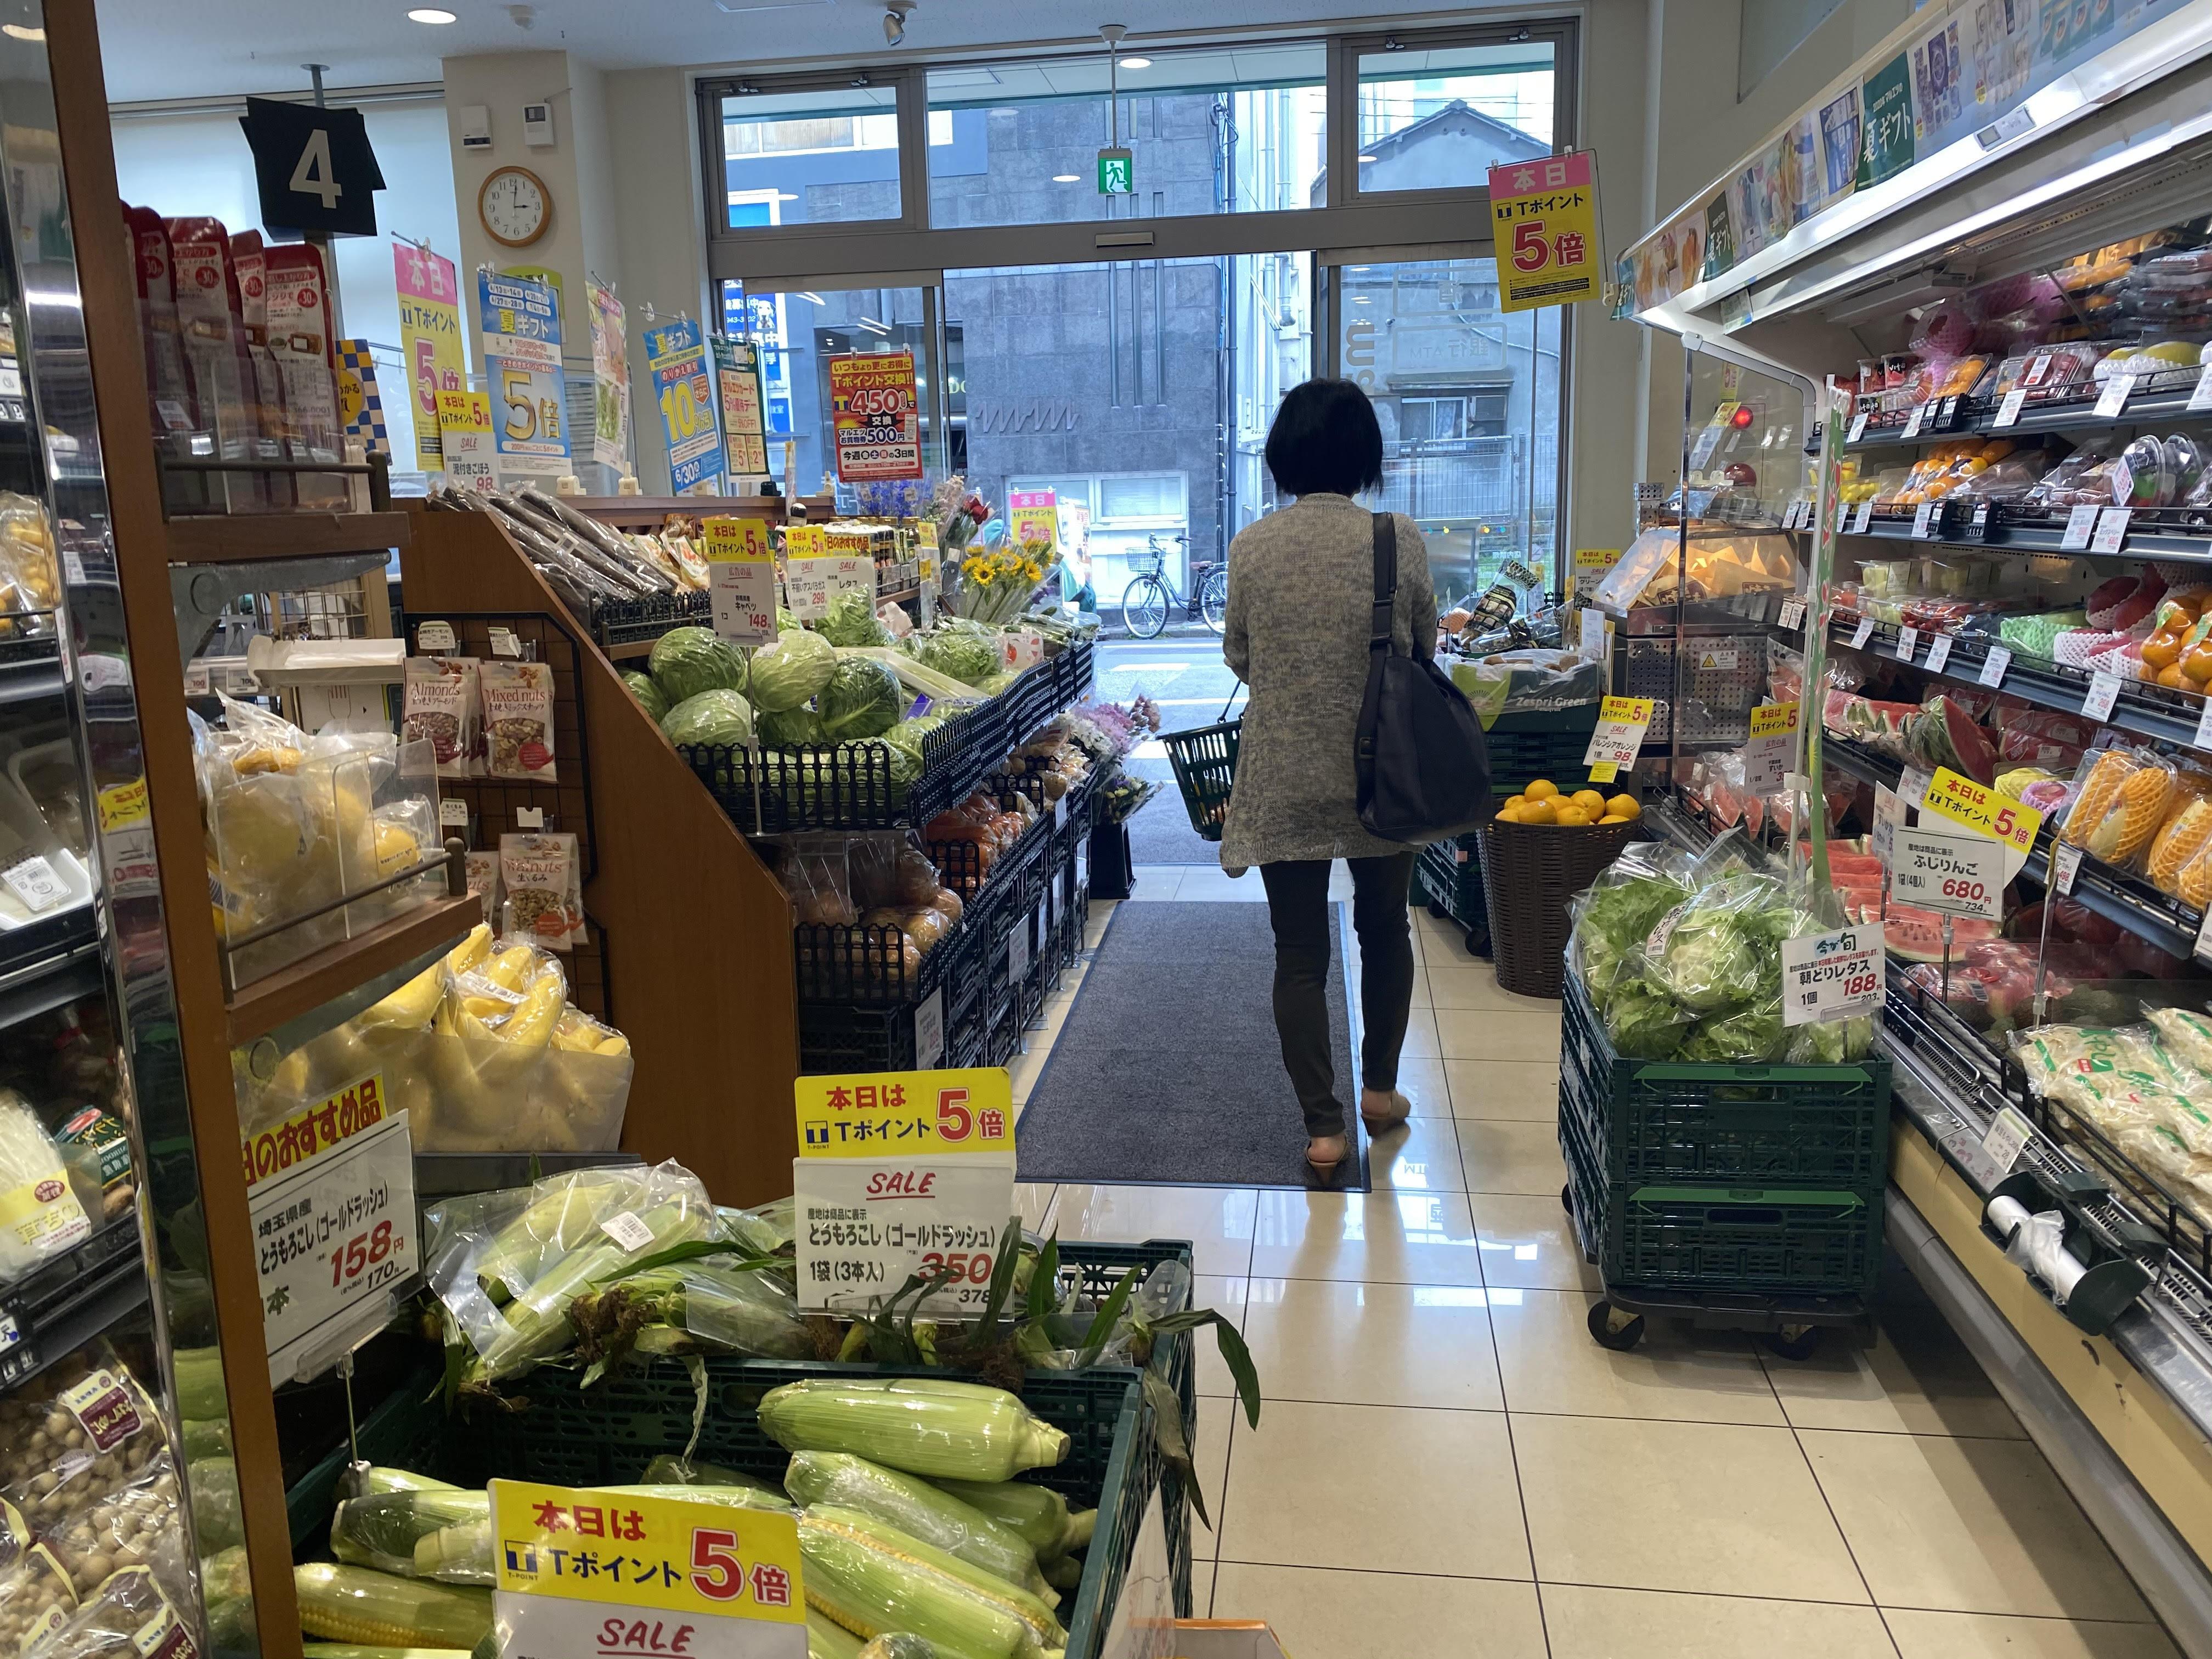 日用品・食料品の品揃えが豊富なスーパーです